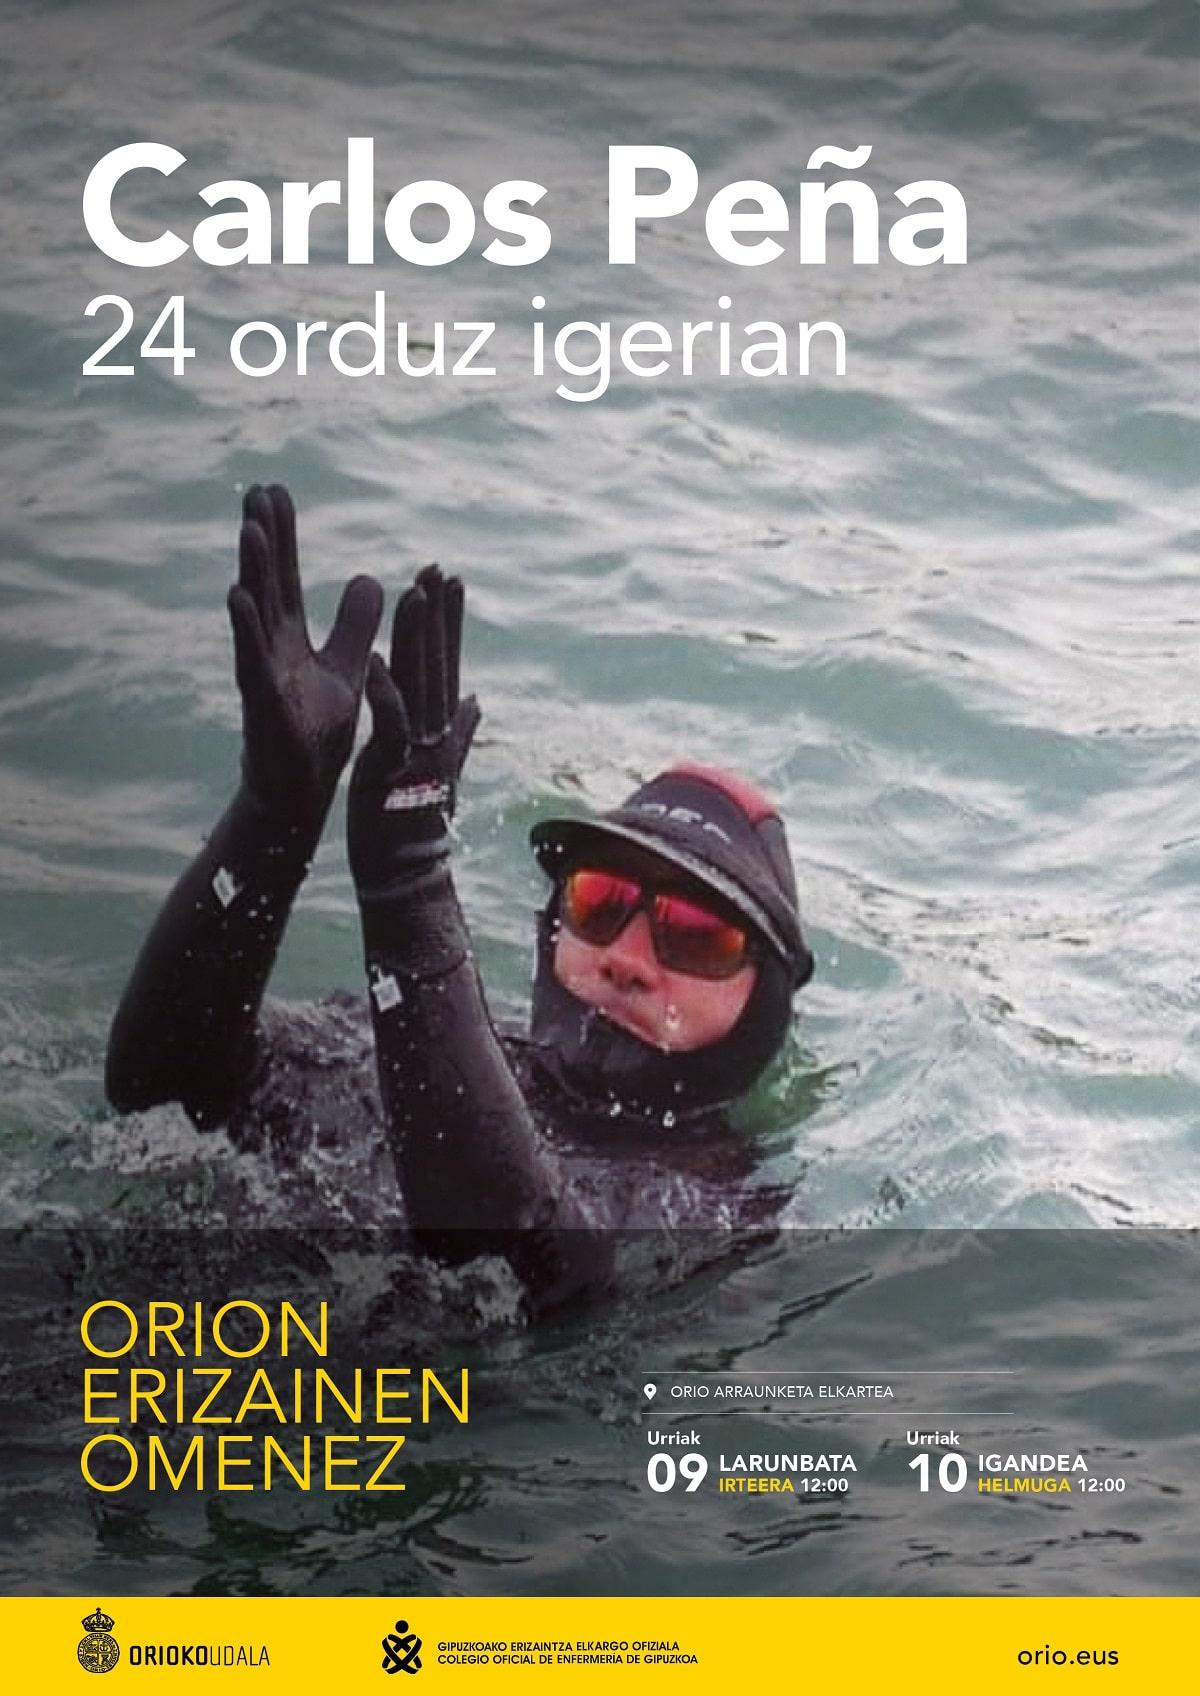 CarlosPena1 - Carlos Peña nadará 24 horas en homenaje a las enfermeras gipuzkoanas